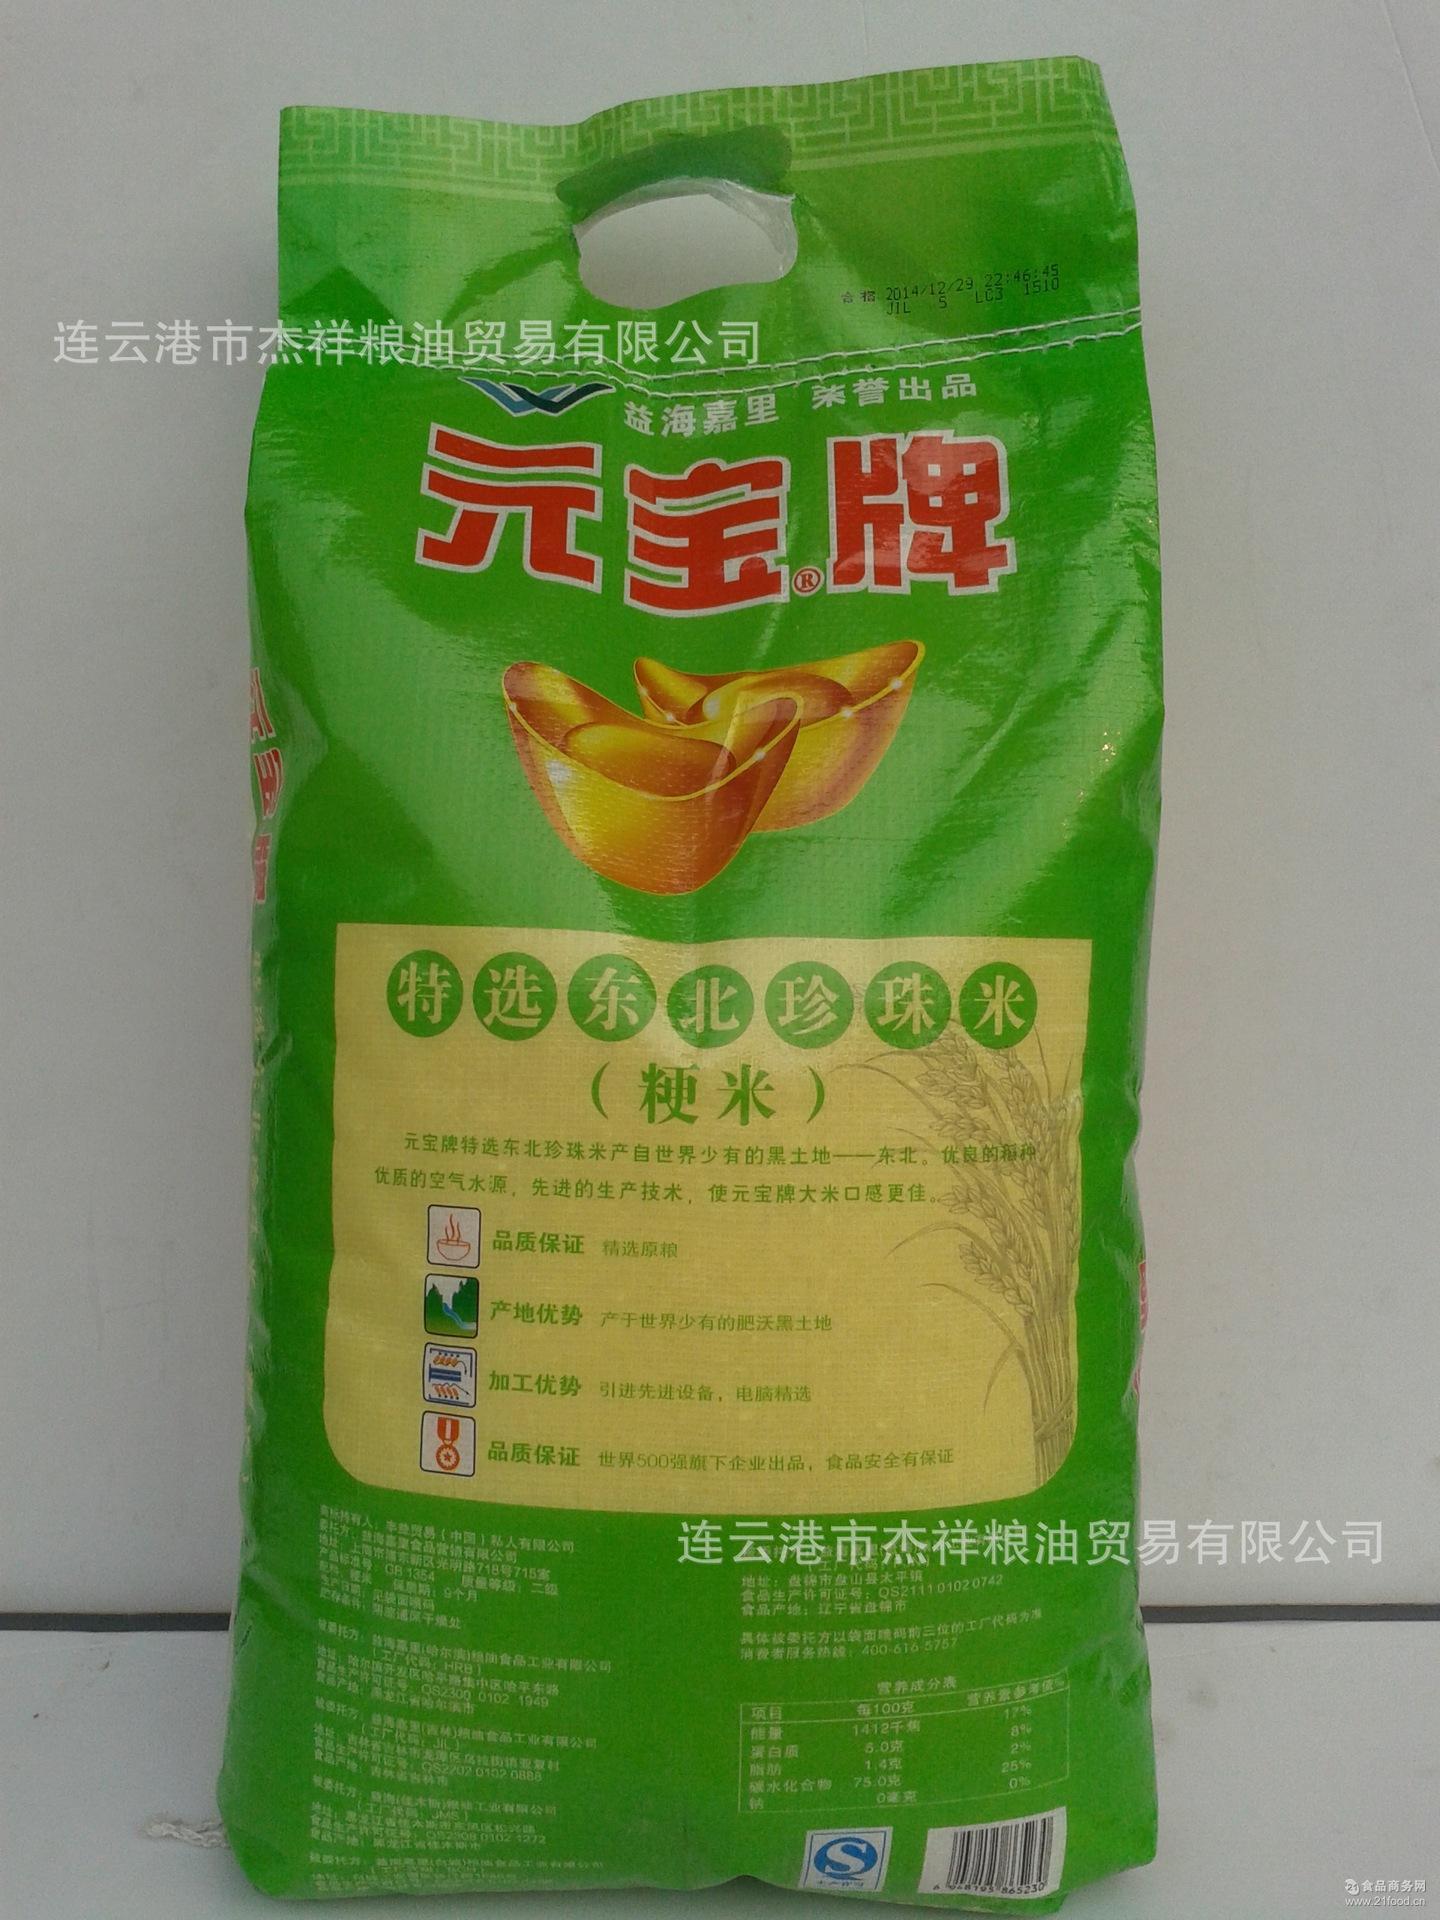 黑龙江北方粮油贸易有限公司 地址|档案|联系方式_顺企网